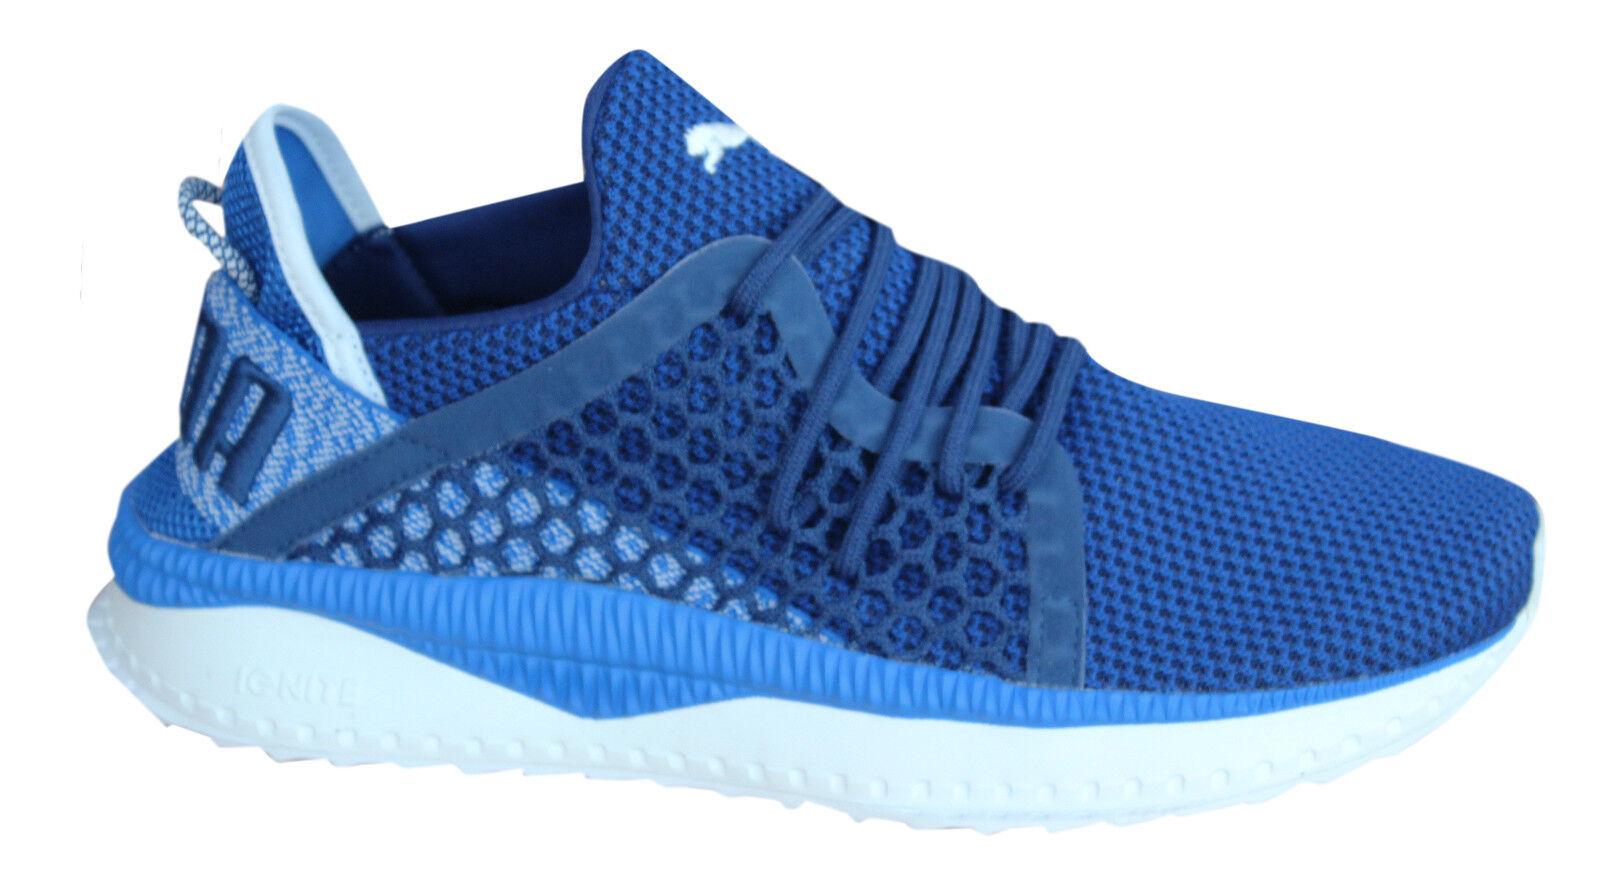 Puma Tsugi Netfit Lace Up Lapis Blue Textile Mens Trainers Shoes 364629 03 M13